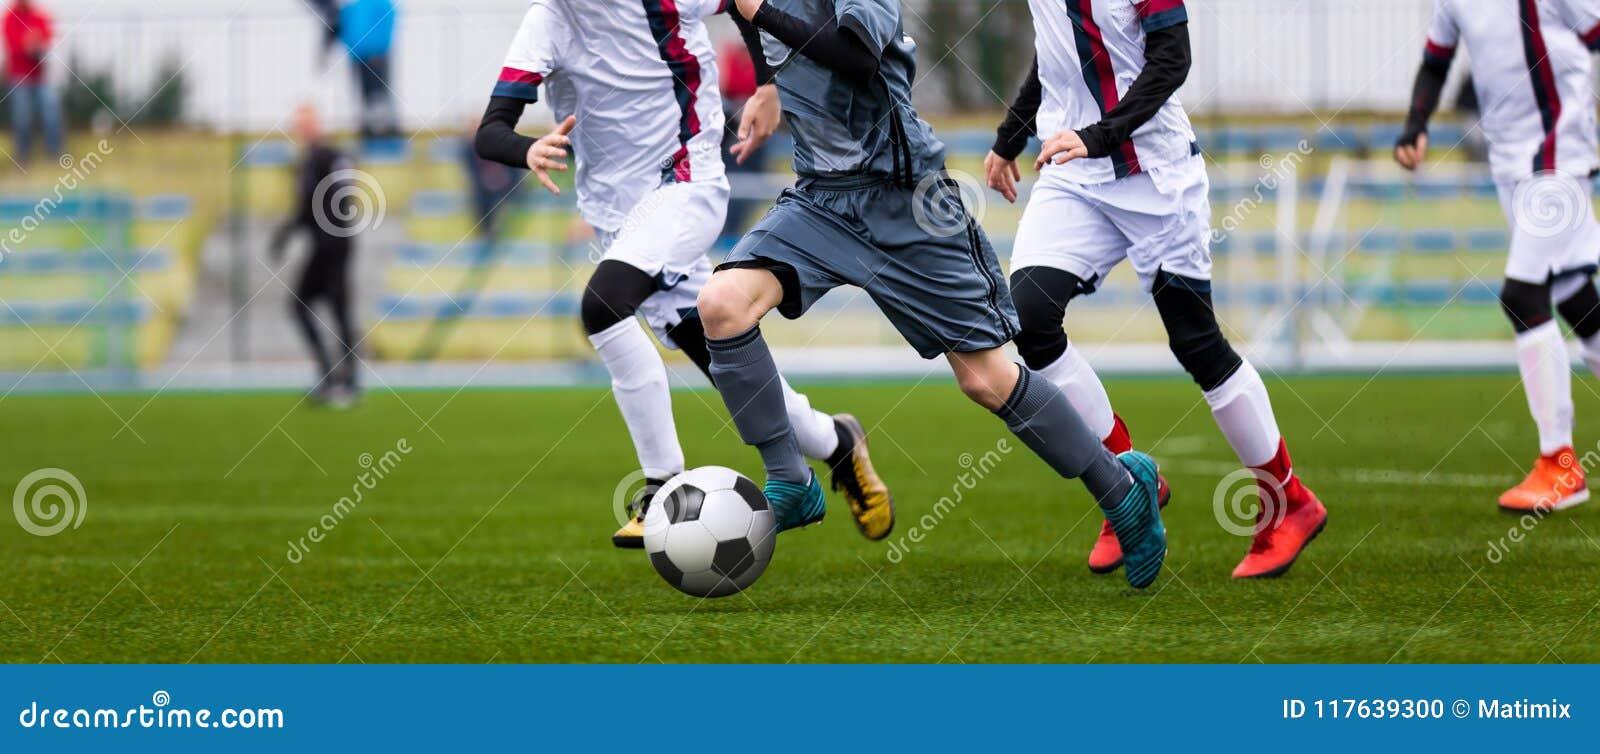 Fósforo de futebol júnior Jogo de futebol para jogadores da juventude Meninos que jogam o fósforo de futebol no passo de futebol